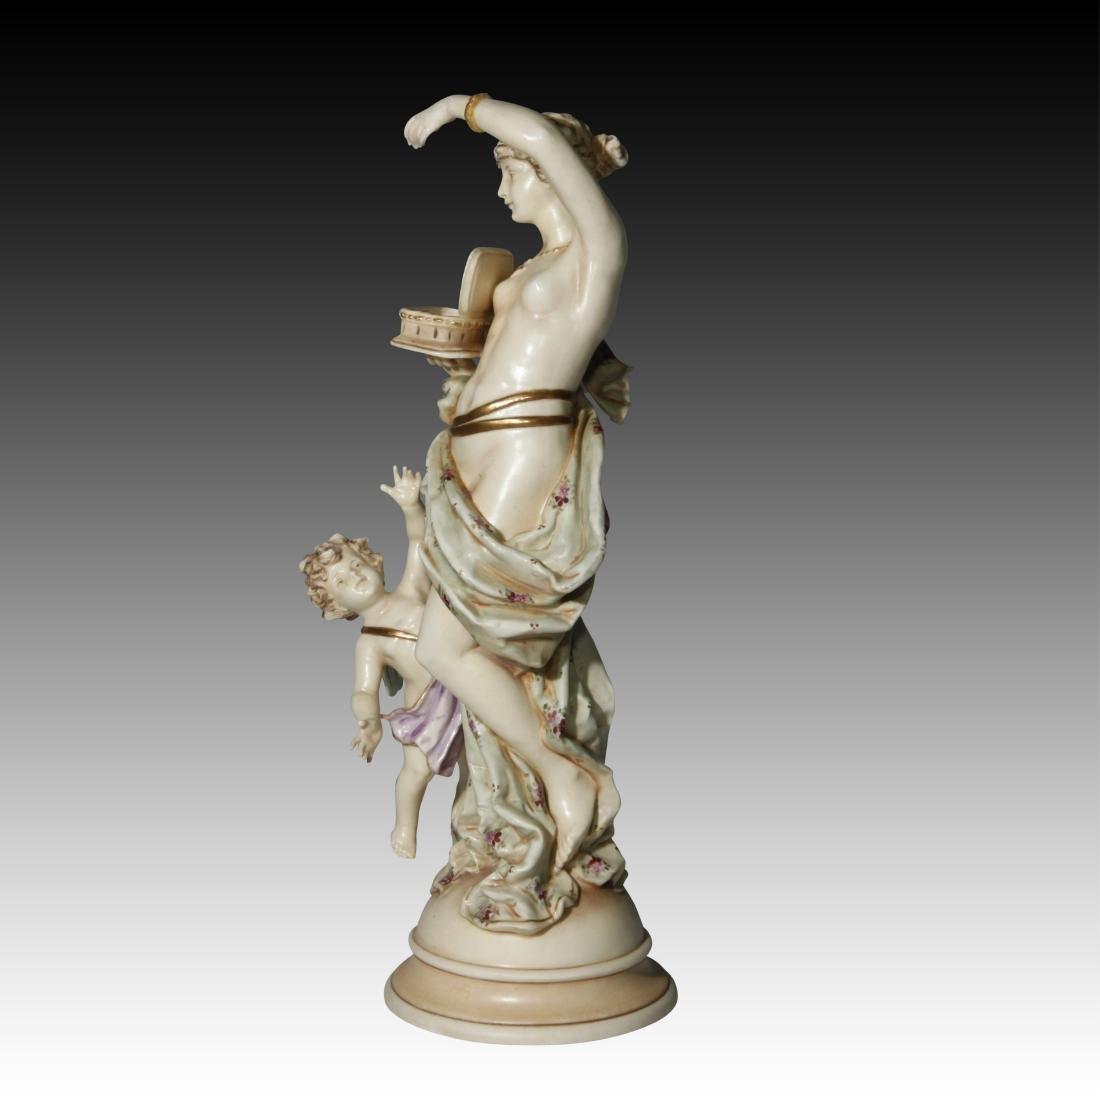 Wein Nude Goddess Figurine with Cherub - 2